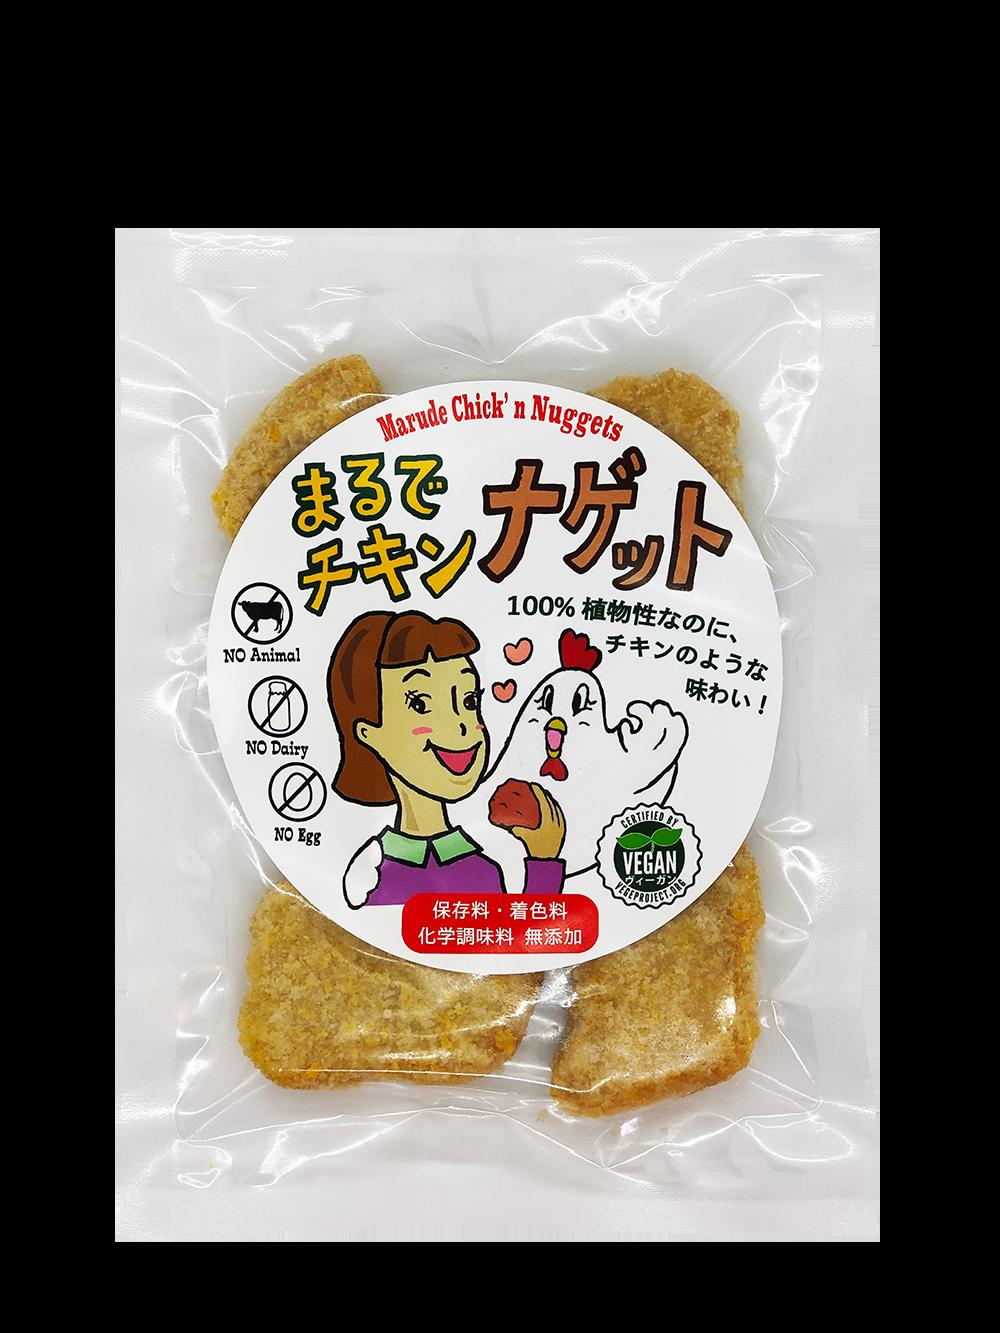 【冷凍 4個セット・4Pack】 まるでチキン・ナゲット5個入り・Marude Chik'n Nuggets・100%植物性なのに、チキンの様な味わい!(冷蔵・Frozen)